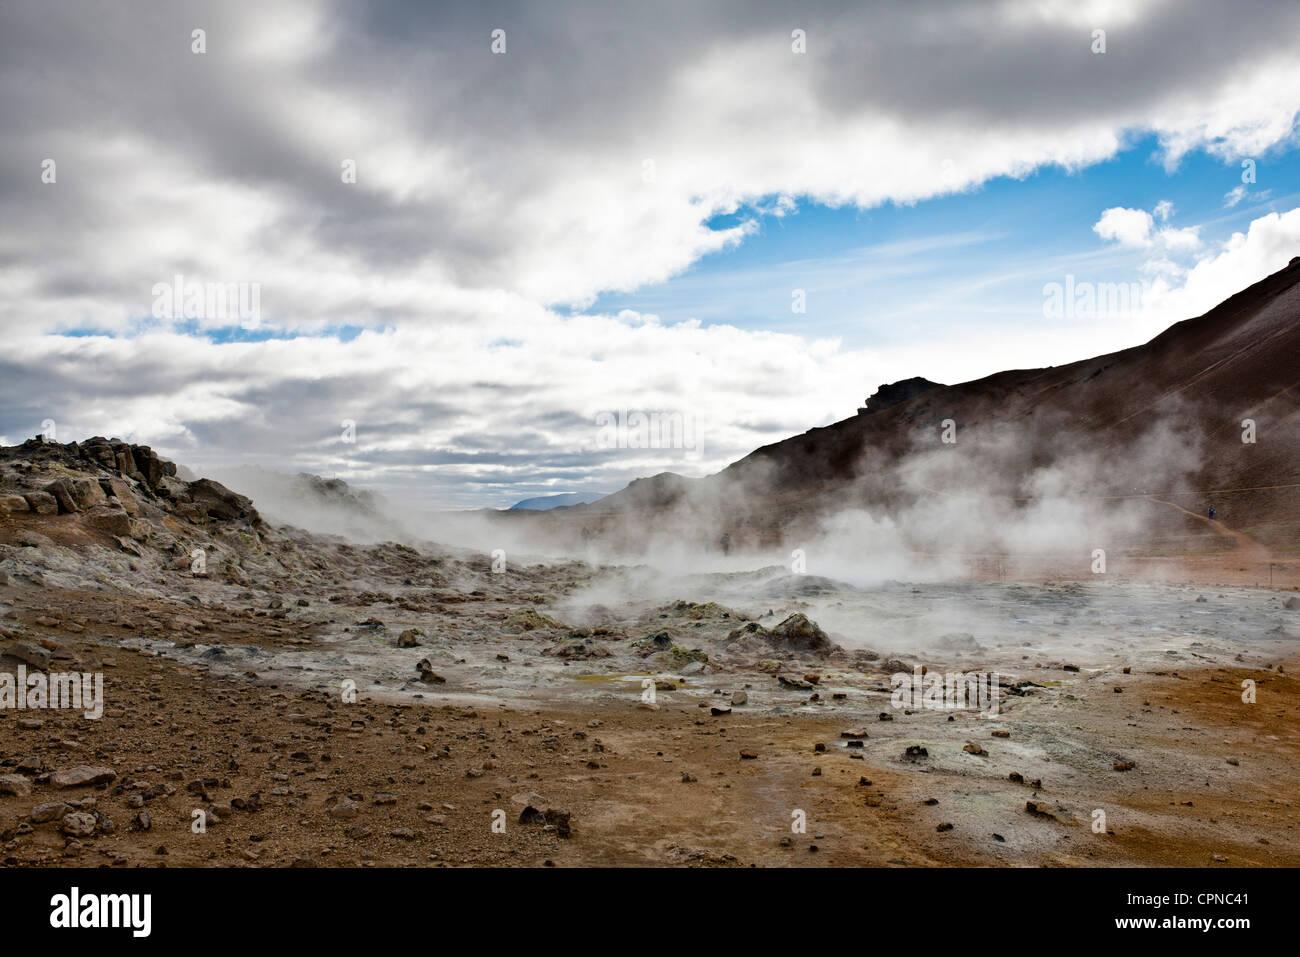 Islandia, mudpots Namafjall, fumarolas y liberando vapor y gases de azufre Imagen De Stock